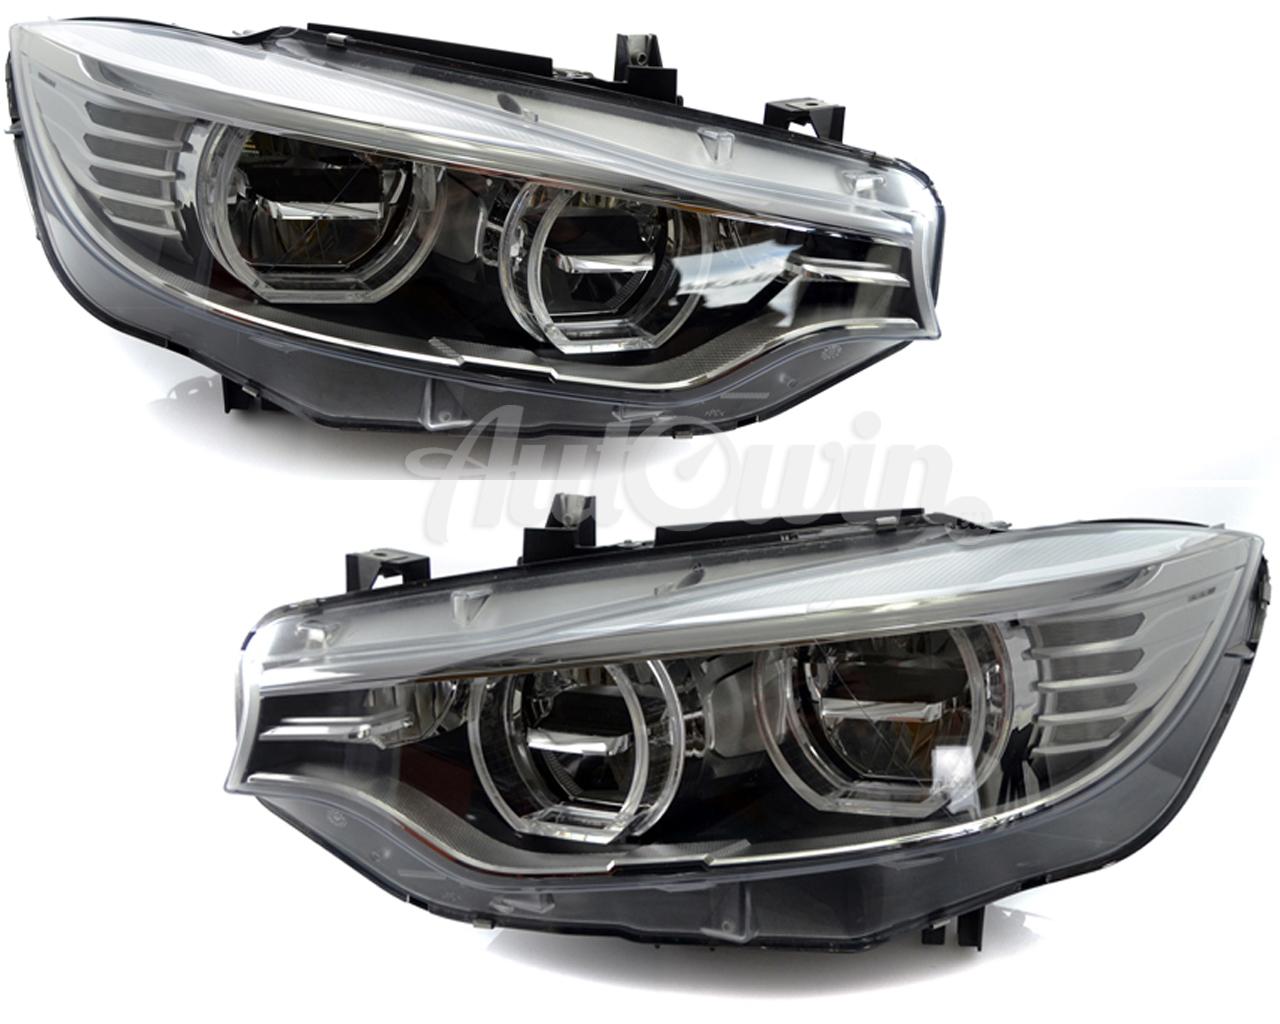 Bmw M4 4 Series F32 F33 F36 Full Led Headlight Adaptive Lh